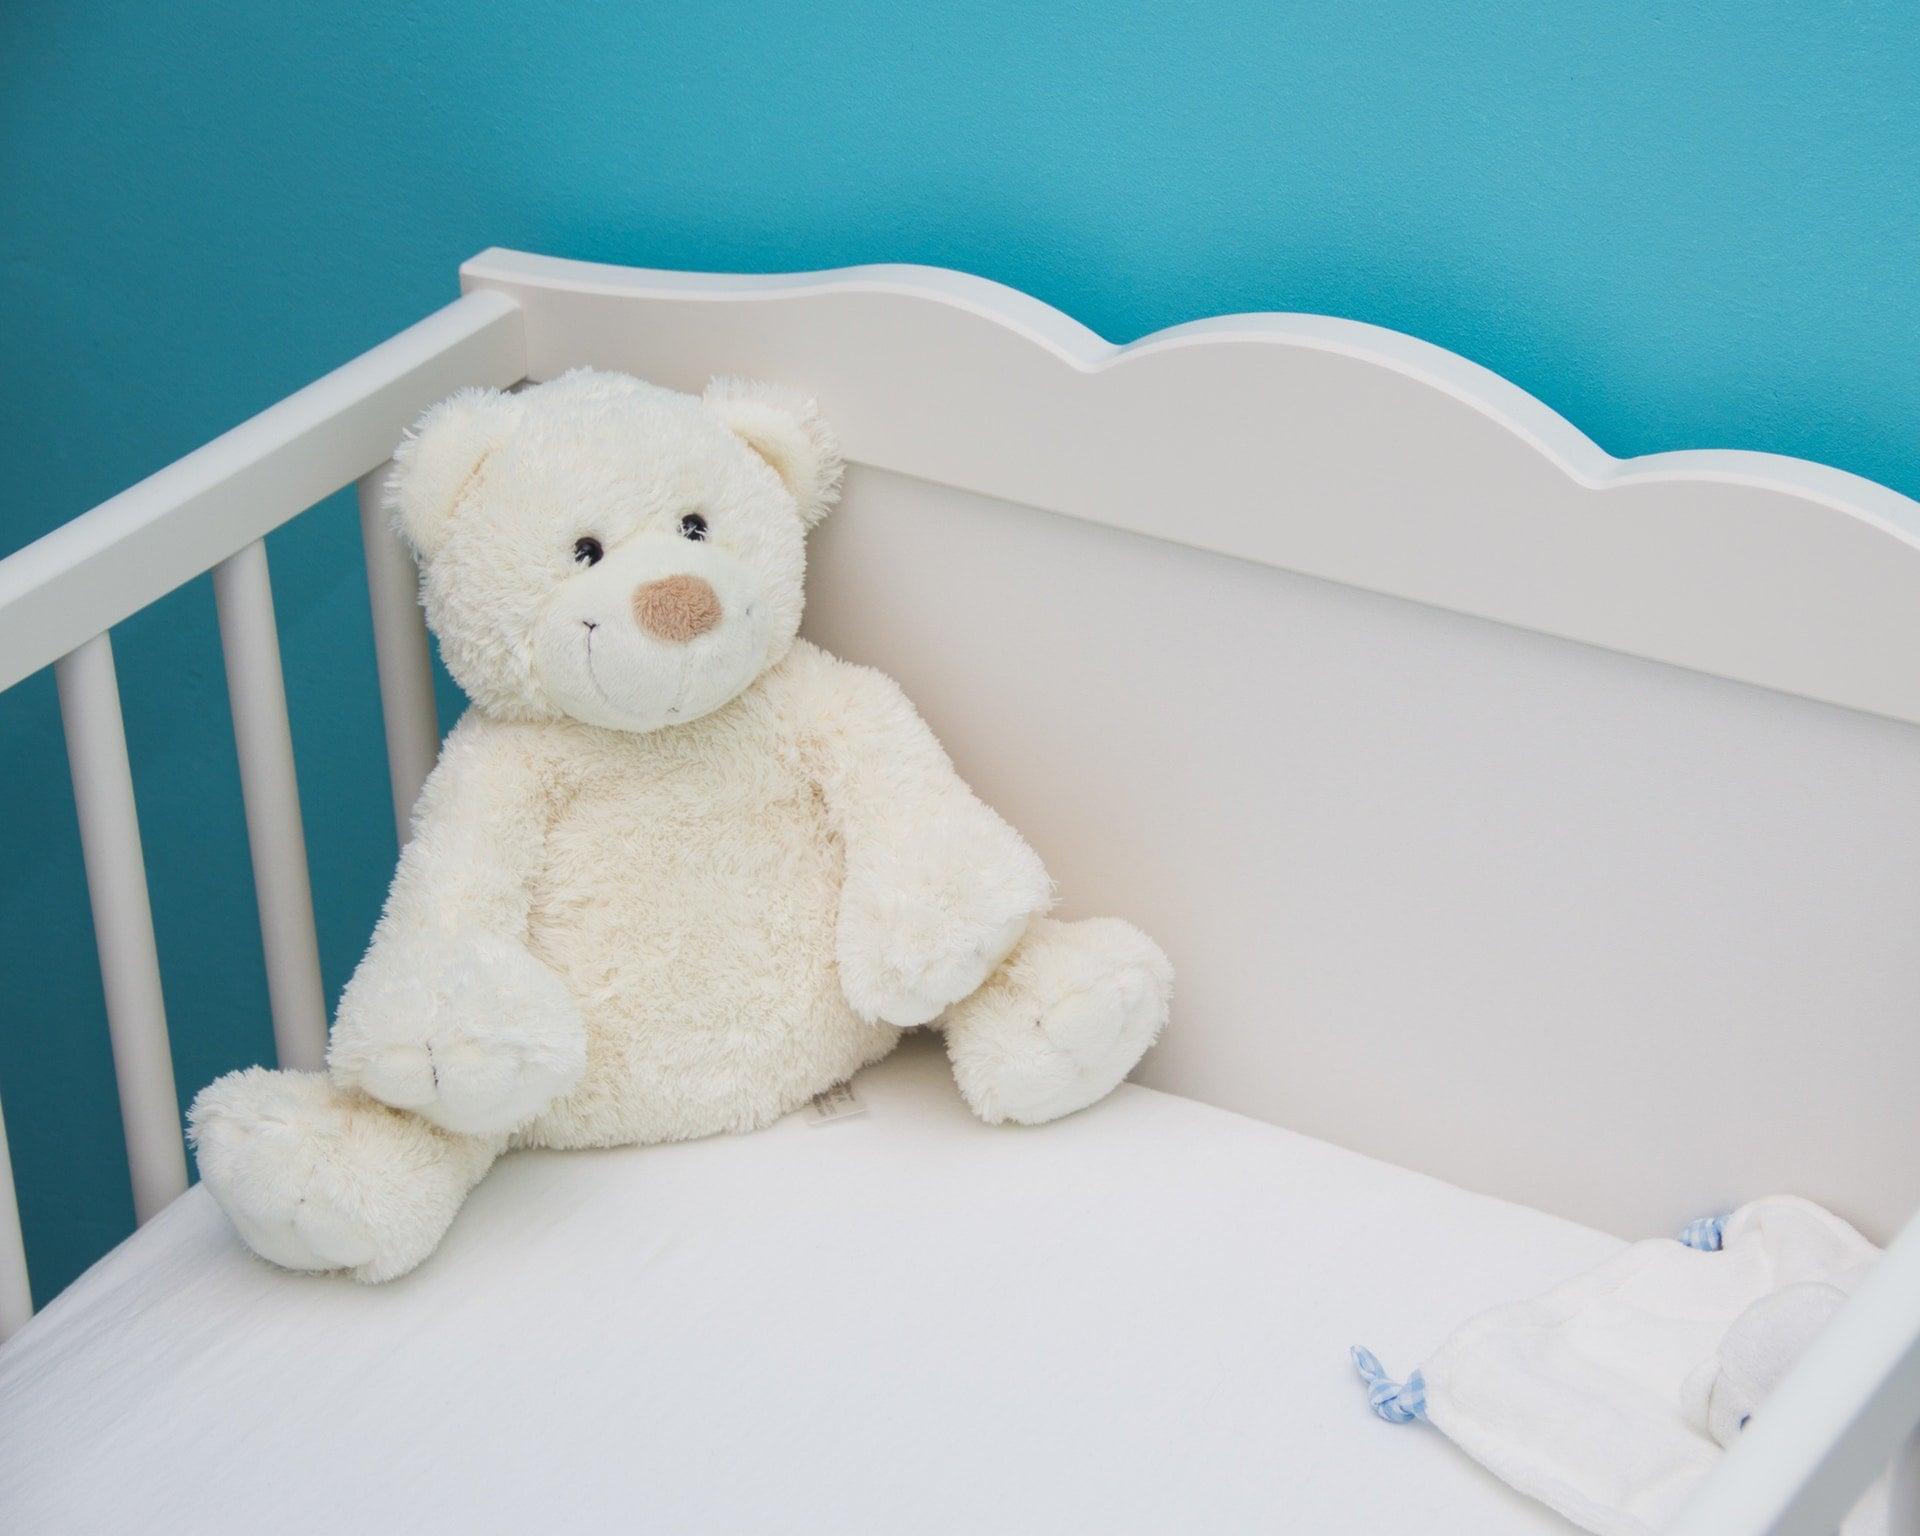 增加睡眠品質讓人一夜好眠地容易入睡的 3 個小技巧 baby bed blue blur room bed bear